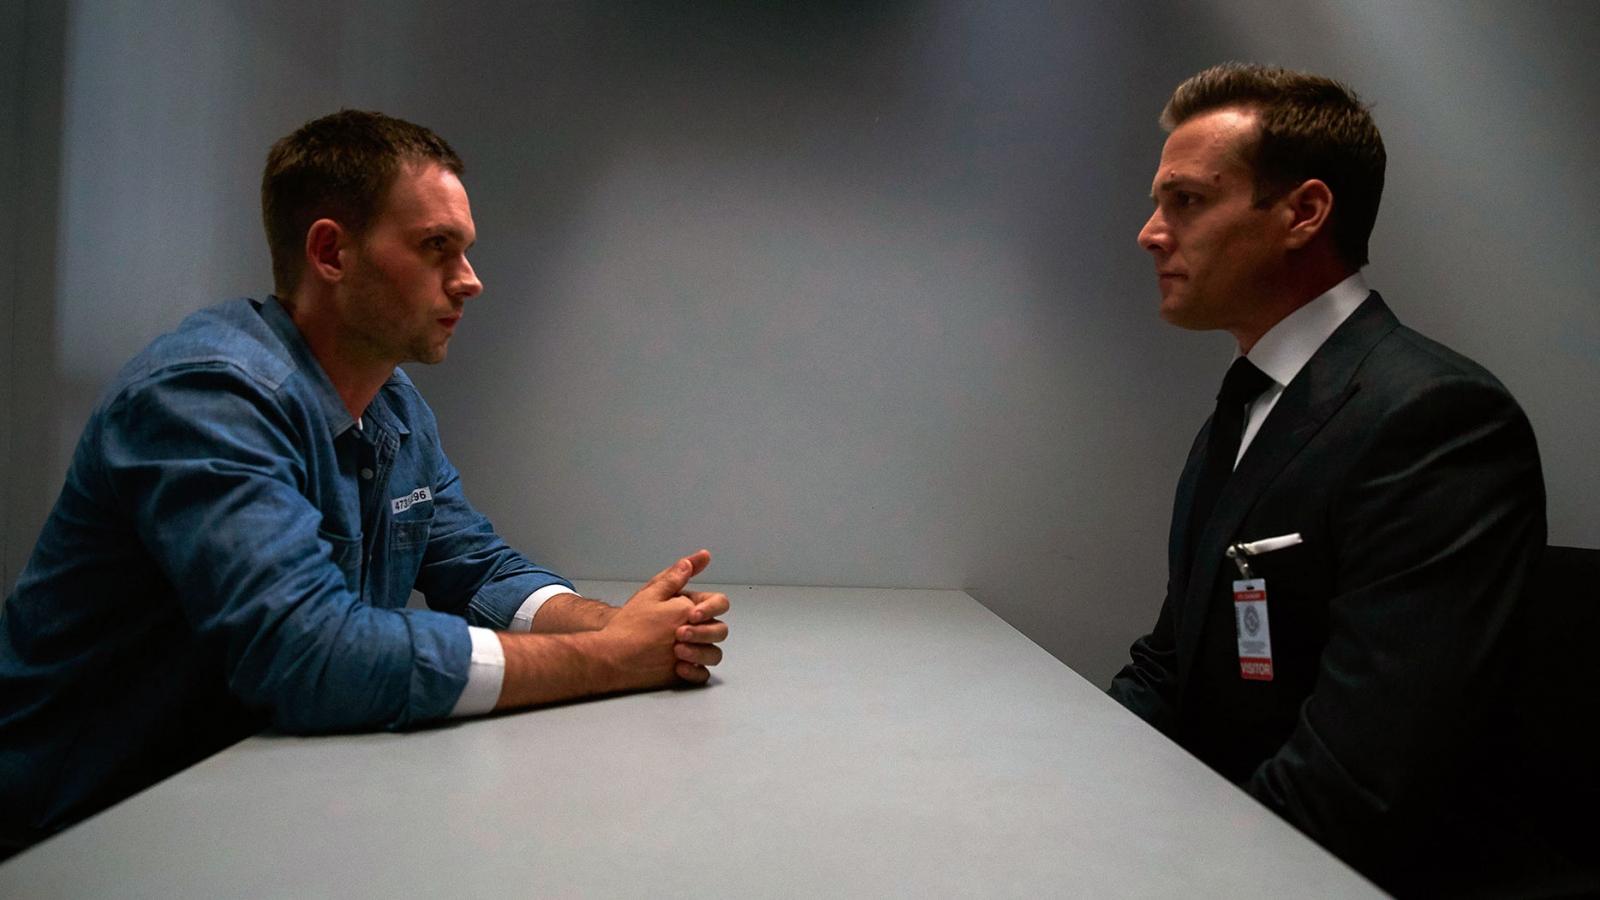 Suits season 6 episode 3